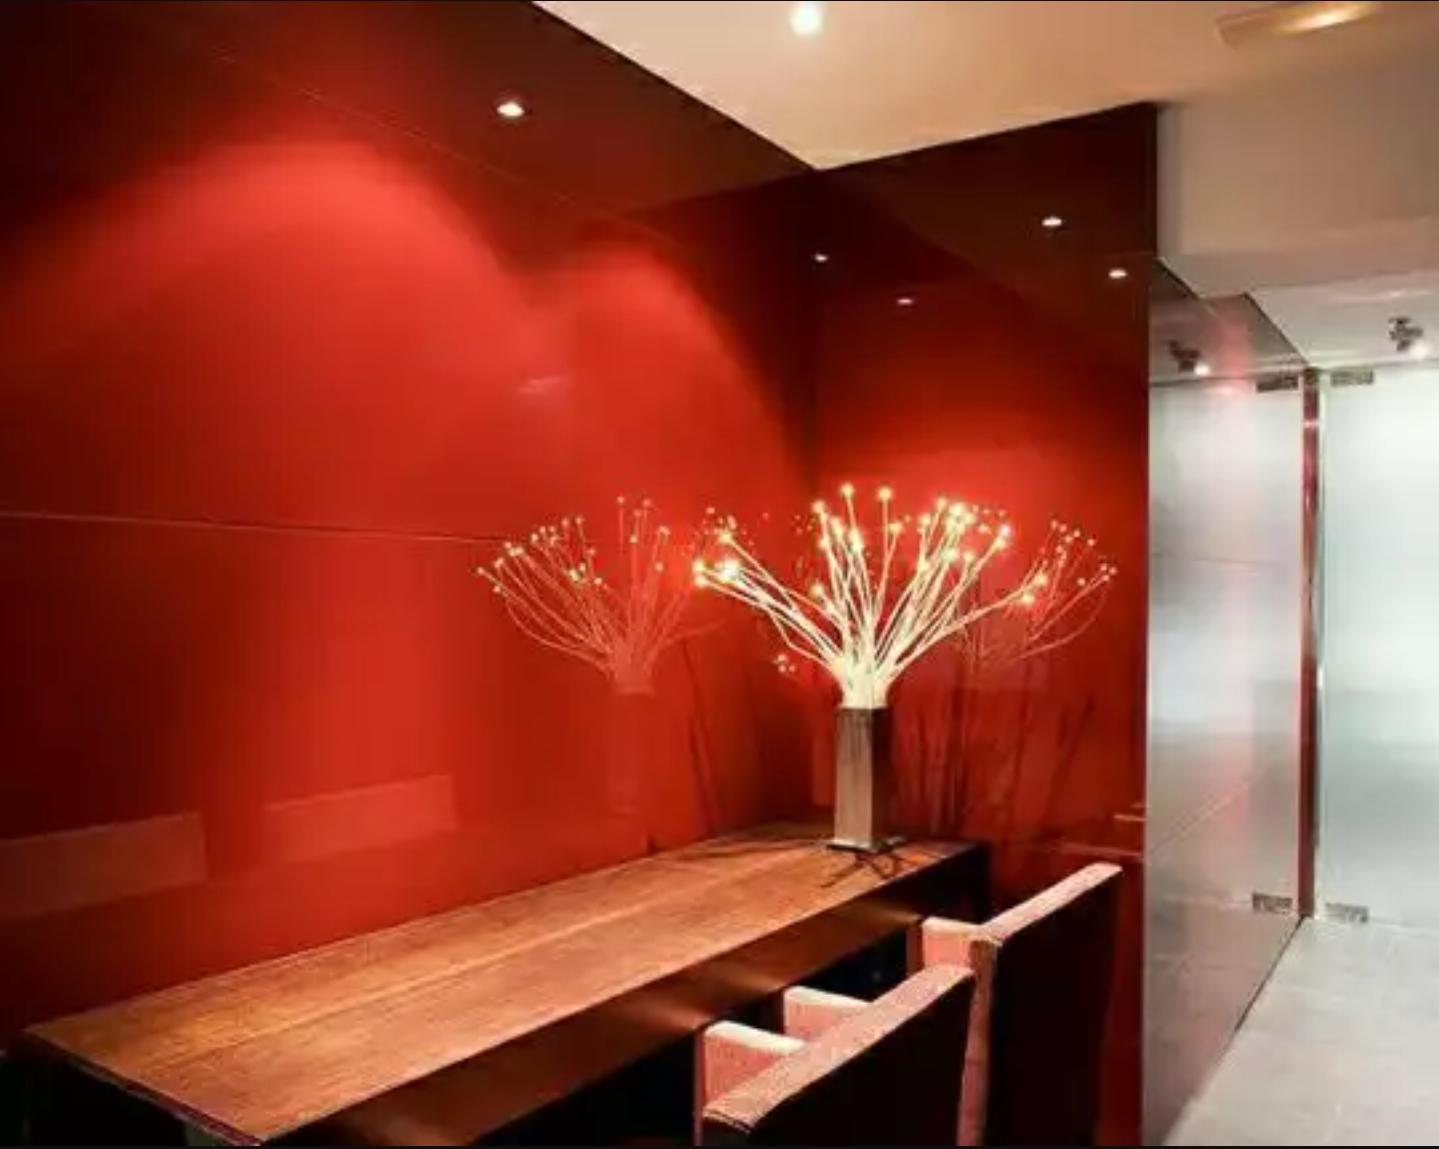 شیشه رنگی دیوارپوش قرمز